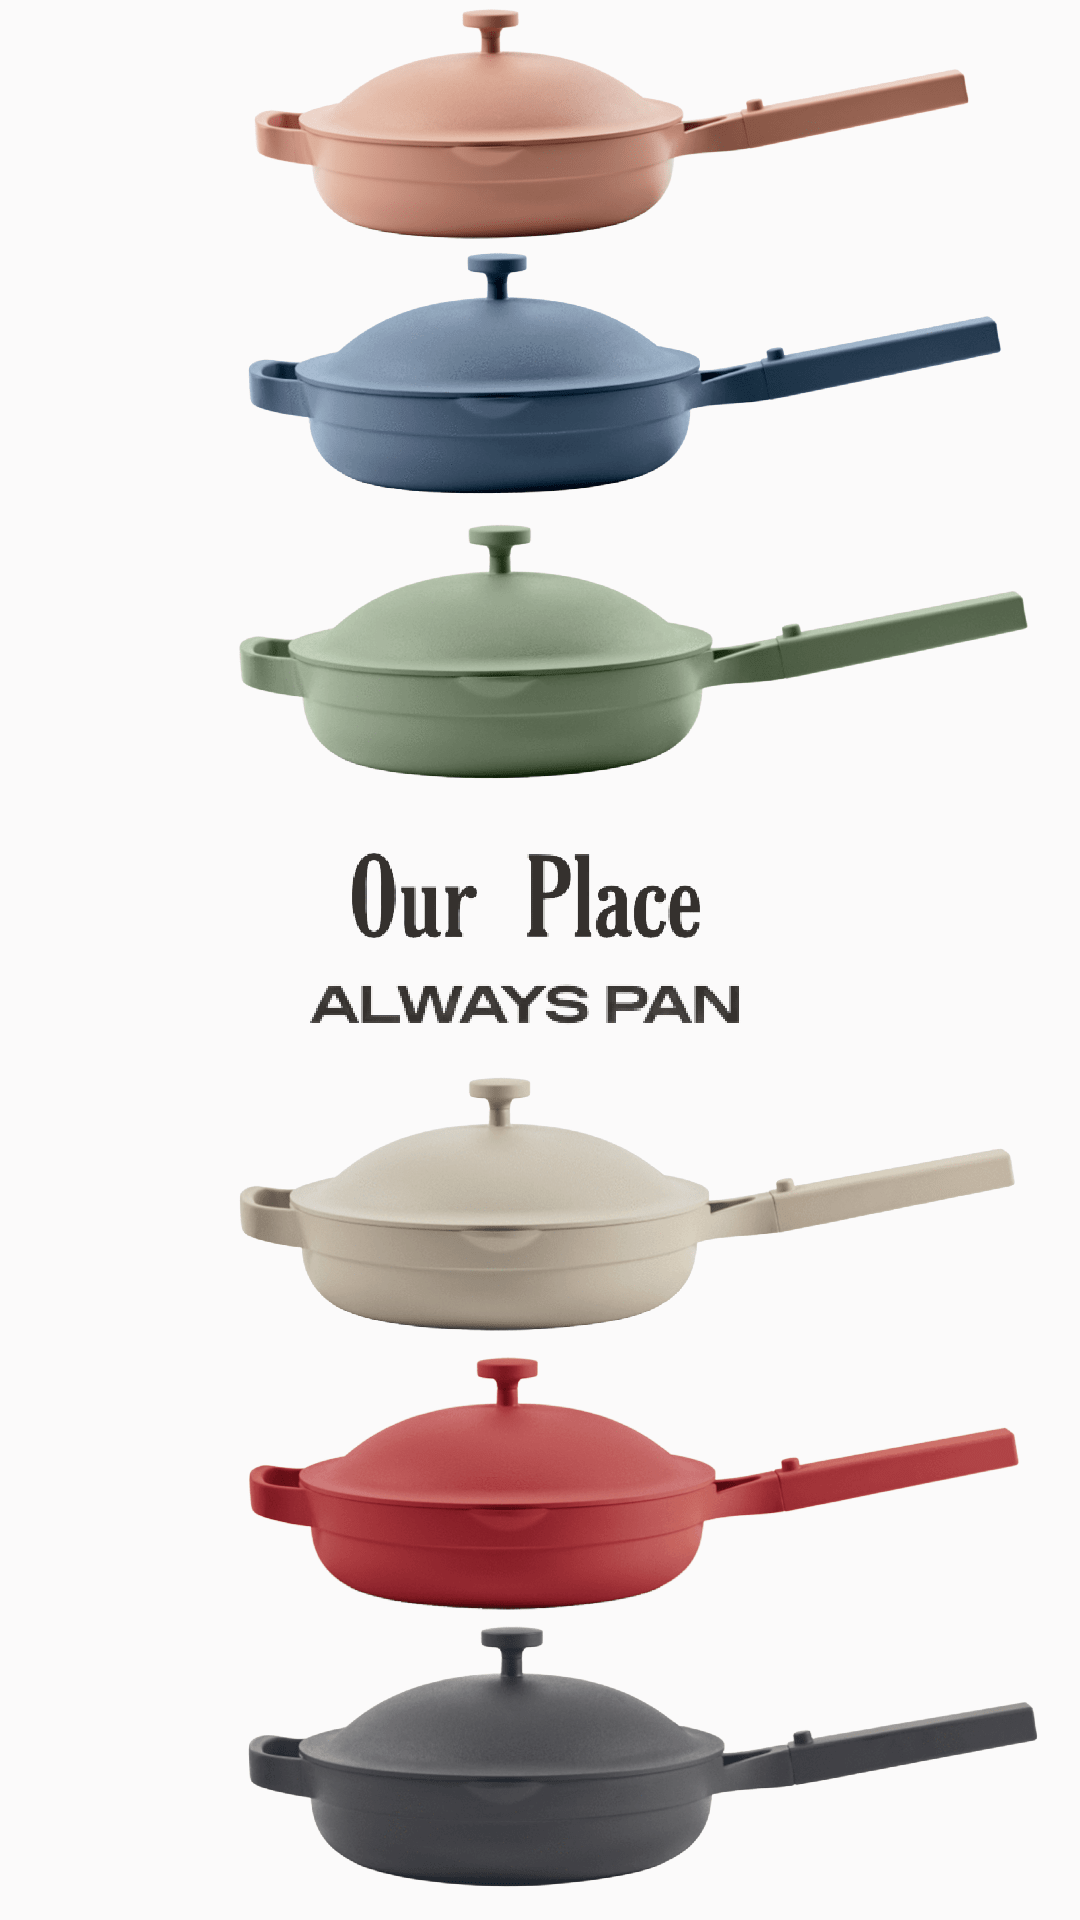 Favorite Non-Toxic Pan- The Always Pan